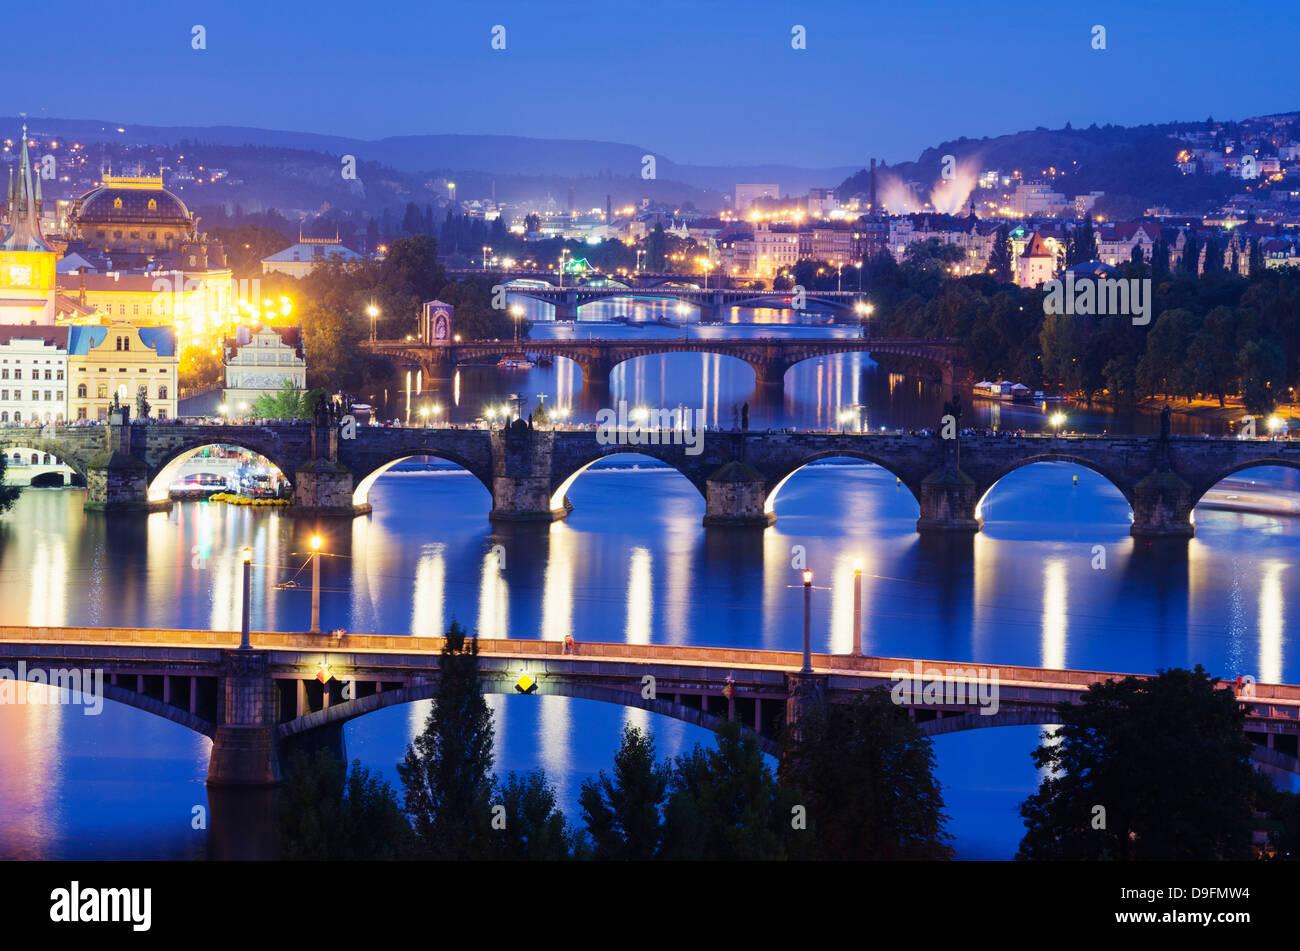 Los puentes sobre el río Moldava, Sitio del Patrimonio Mundial de la UNESCO, Praga, República Checa Imagen De Stock